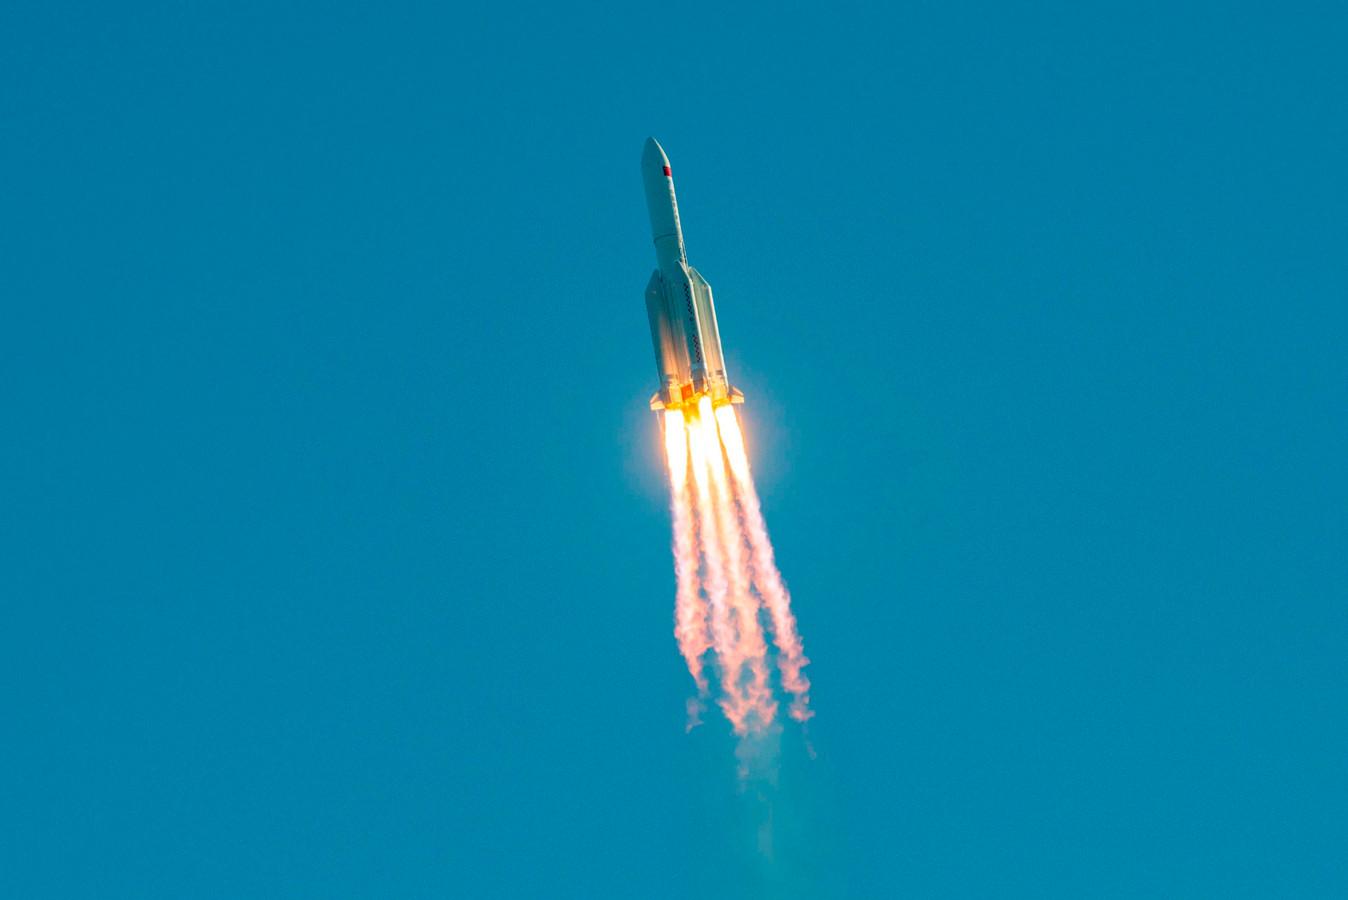 De raket na lancering in de lucht.